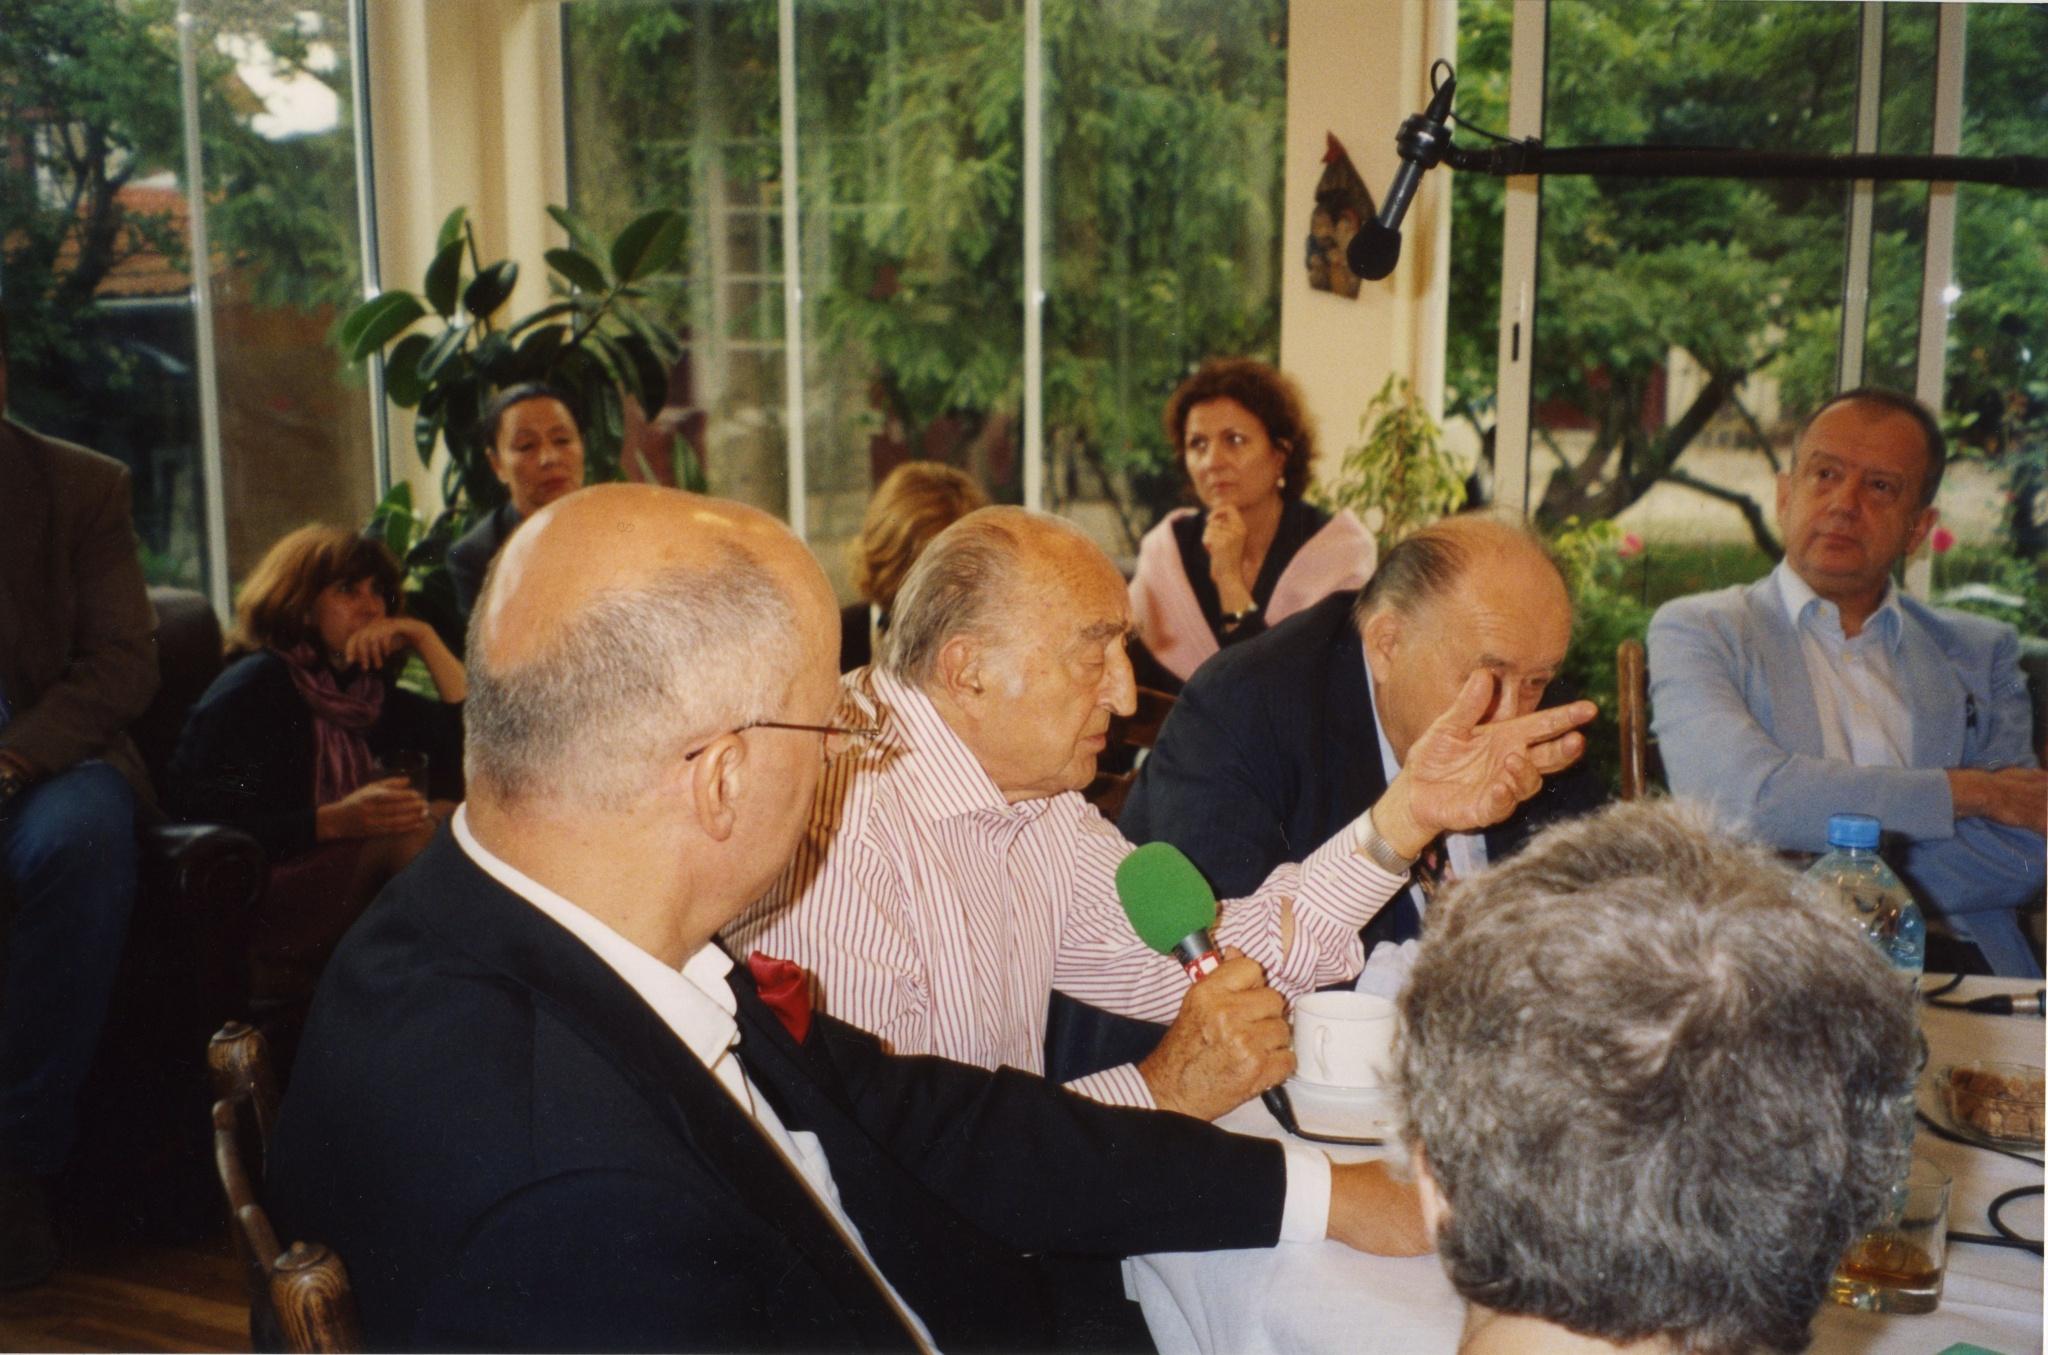 <div class='inner-box'><div class='close-desc'></div><span class='opis'>Czesław Bielecki, Leopold Unger, Bohdan Osadczuk, Wojciech Karpiński. 100. Urodziny Jerzego Giedroycia, 27 lipca 2006</span><div class='clearfix'></div><span>Sygn. FIL03994</span><div class='clearfix'></div><span>&copy; Instytut Literacki</span></div>